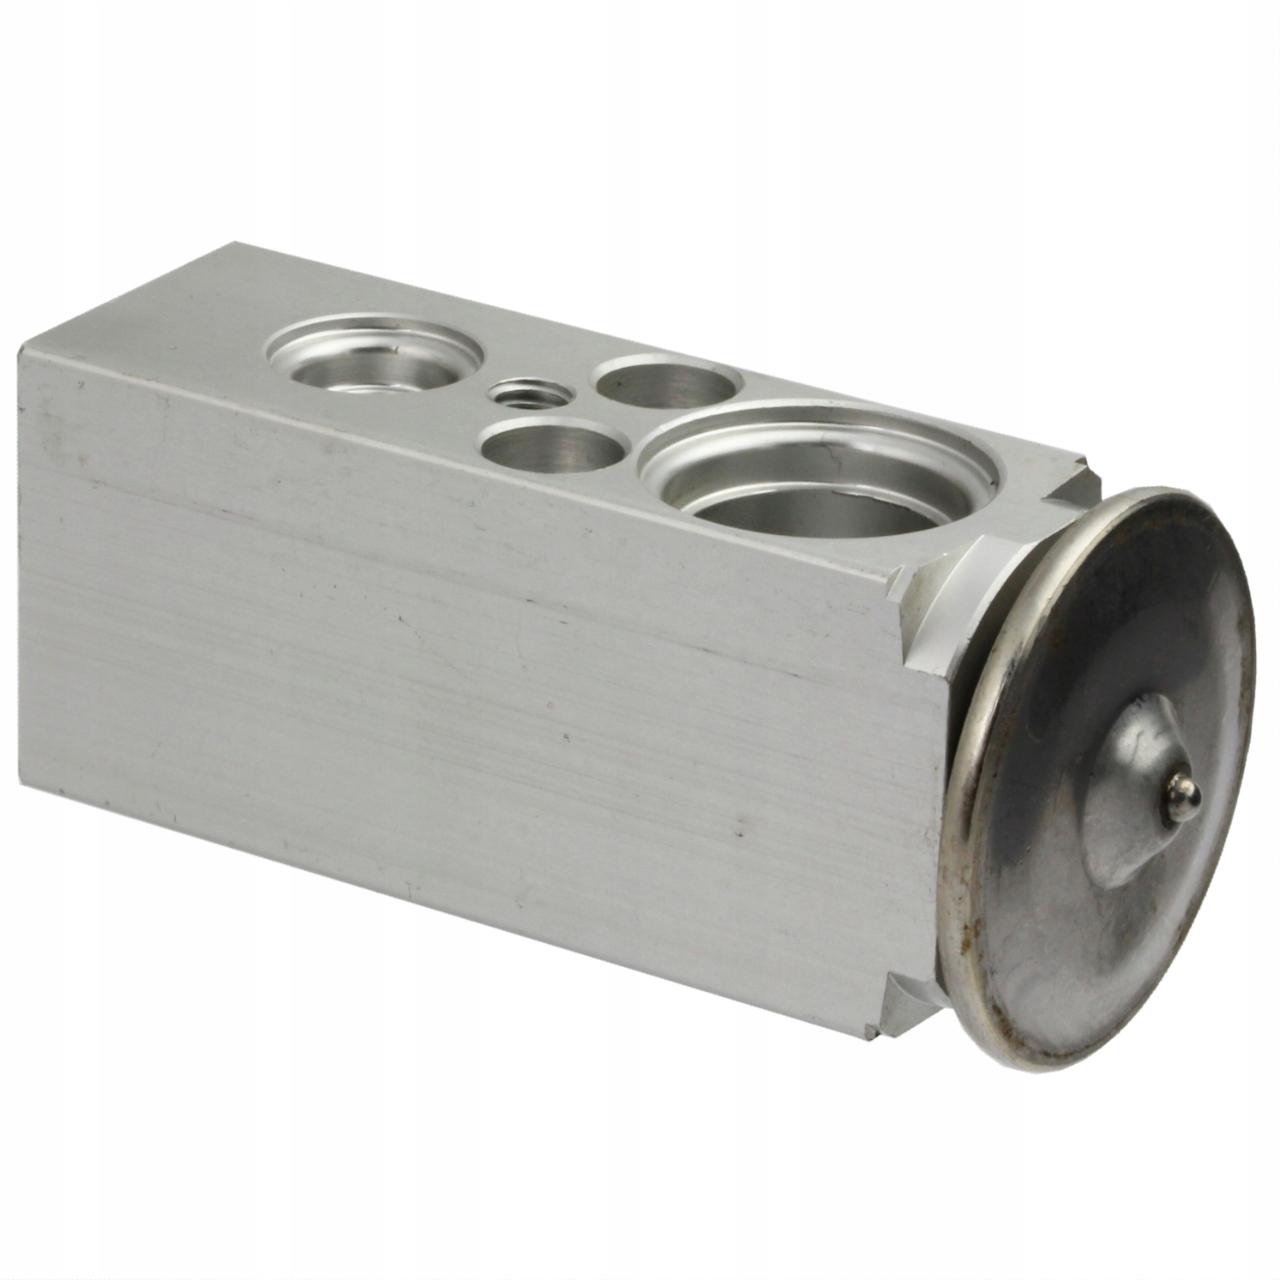 opel astra f g h j клапан расширительный кондиционирования воздуха